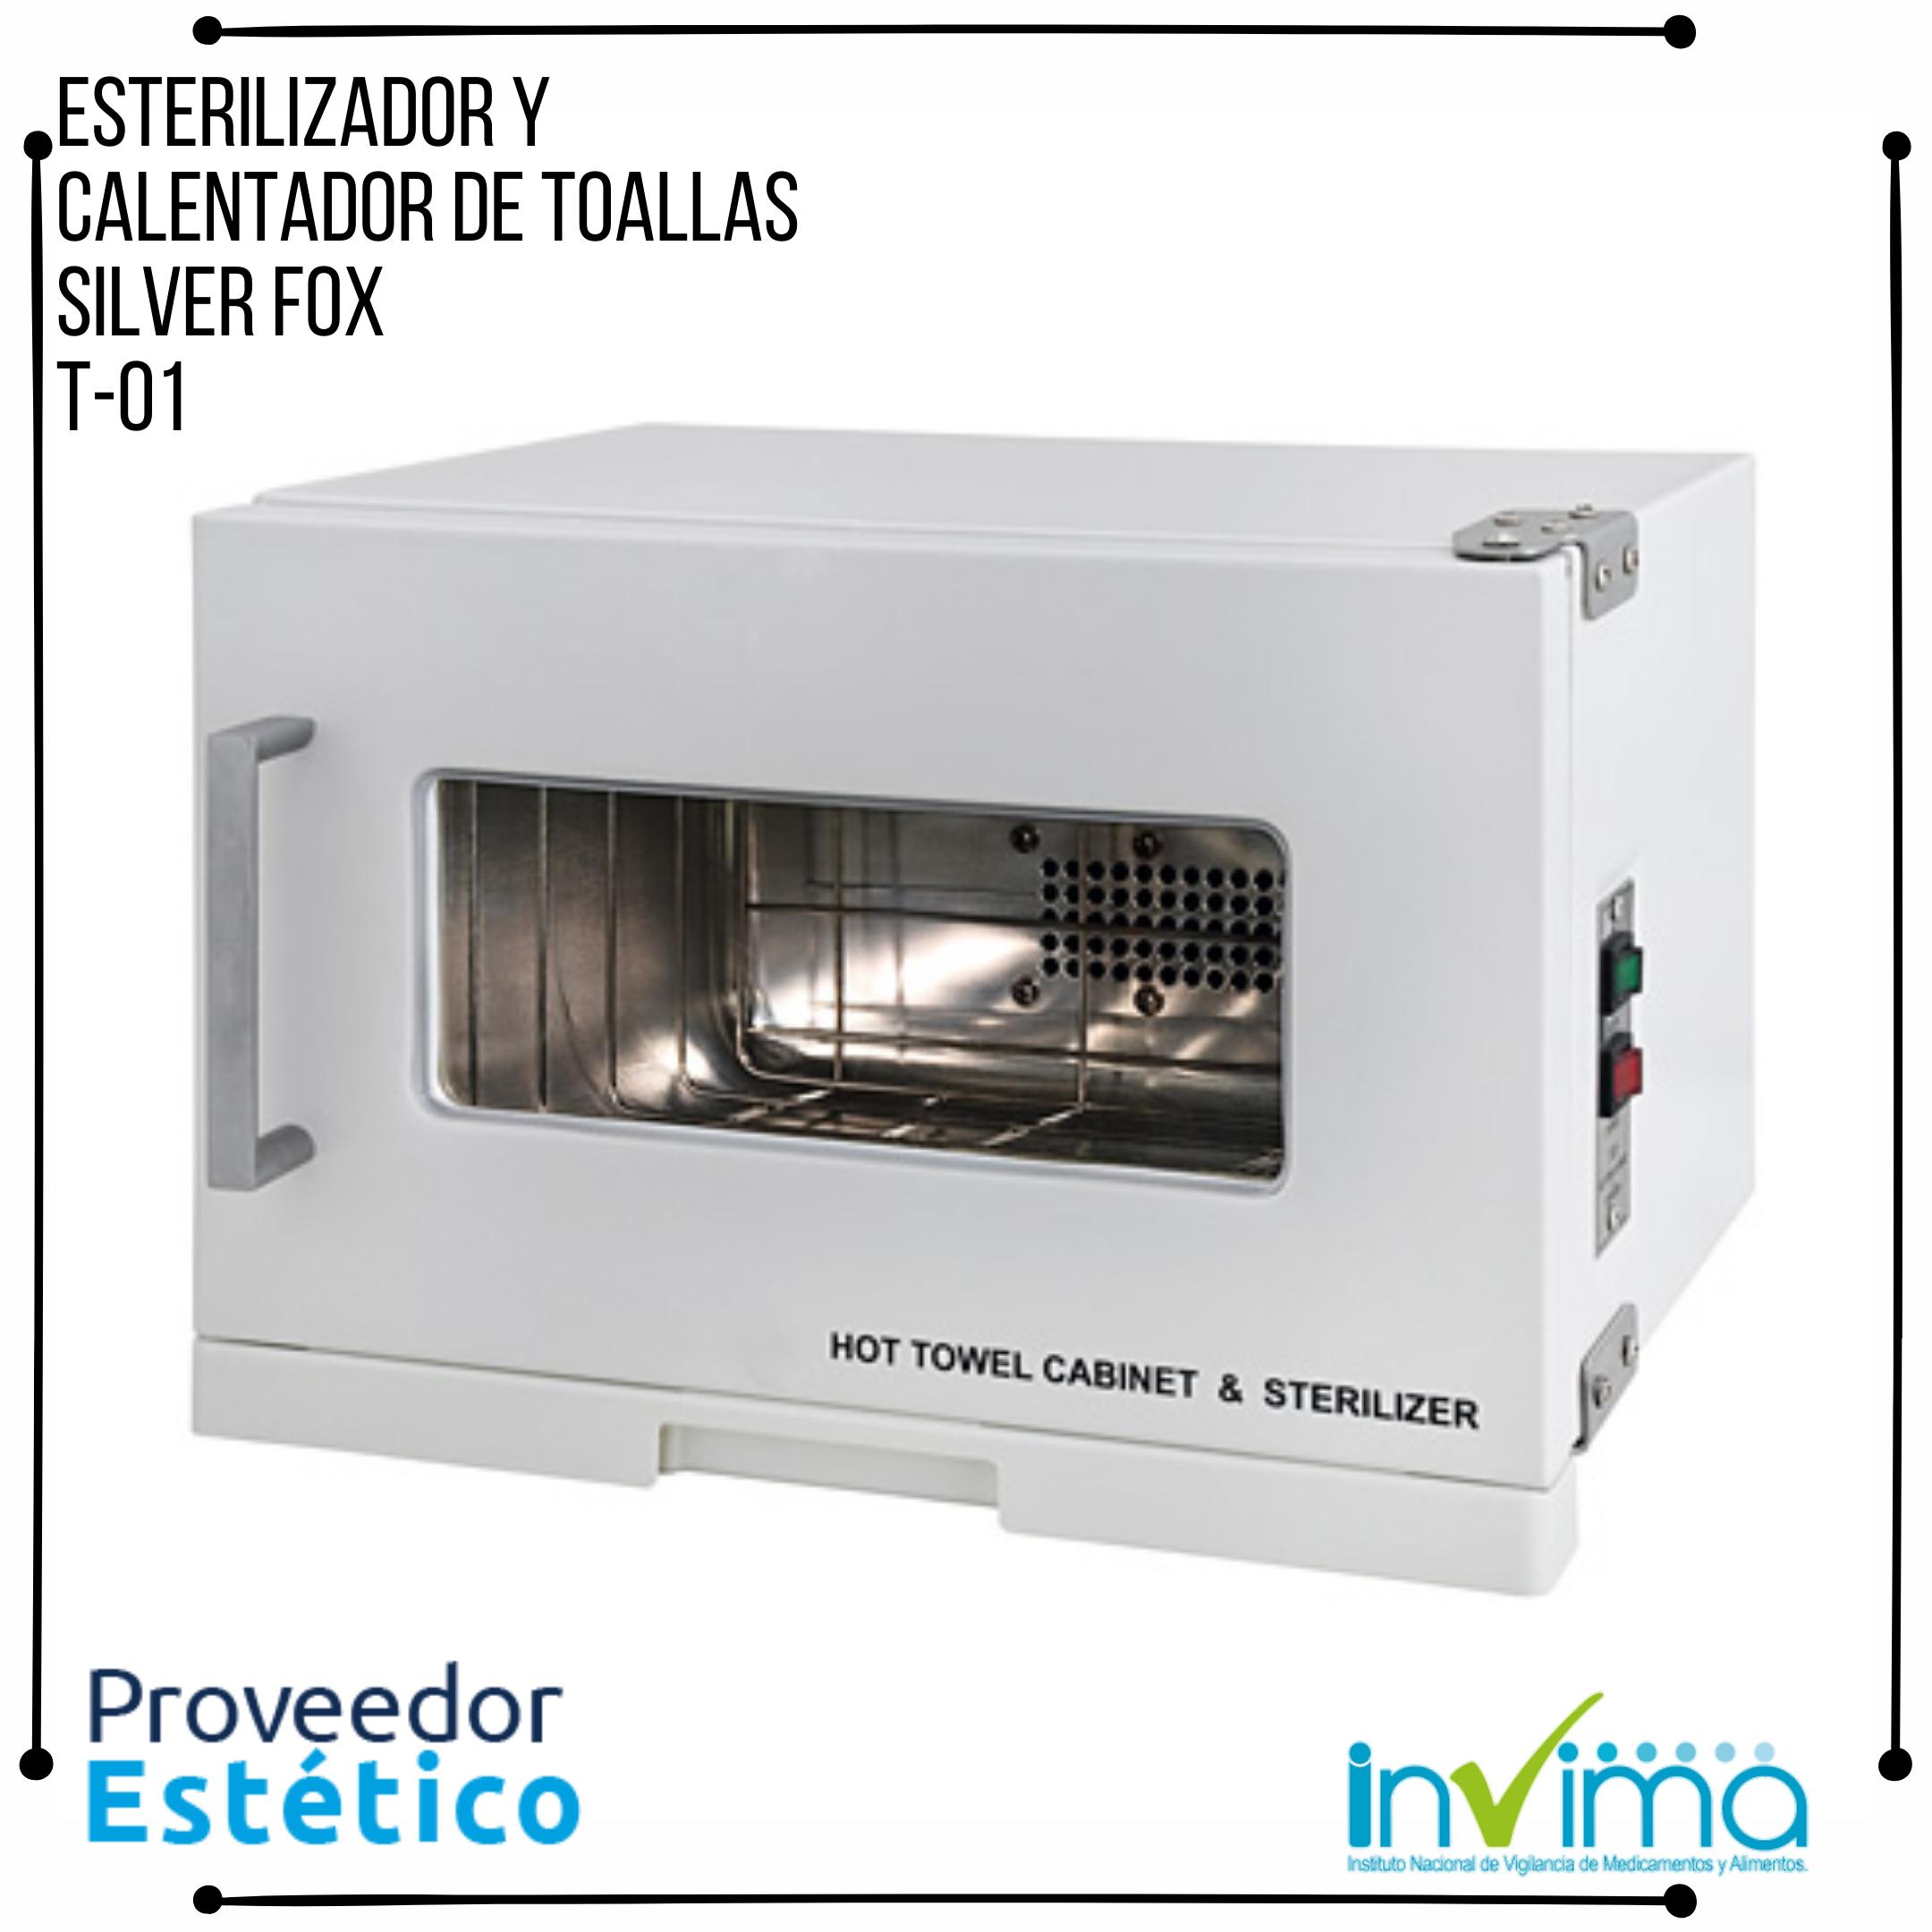 https://0201.nccdn.net/4_2/000/000/01e/20c/esterilizador-y-calentador-de-toallas-silver-fox-t-01.png